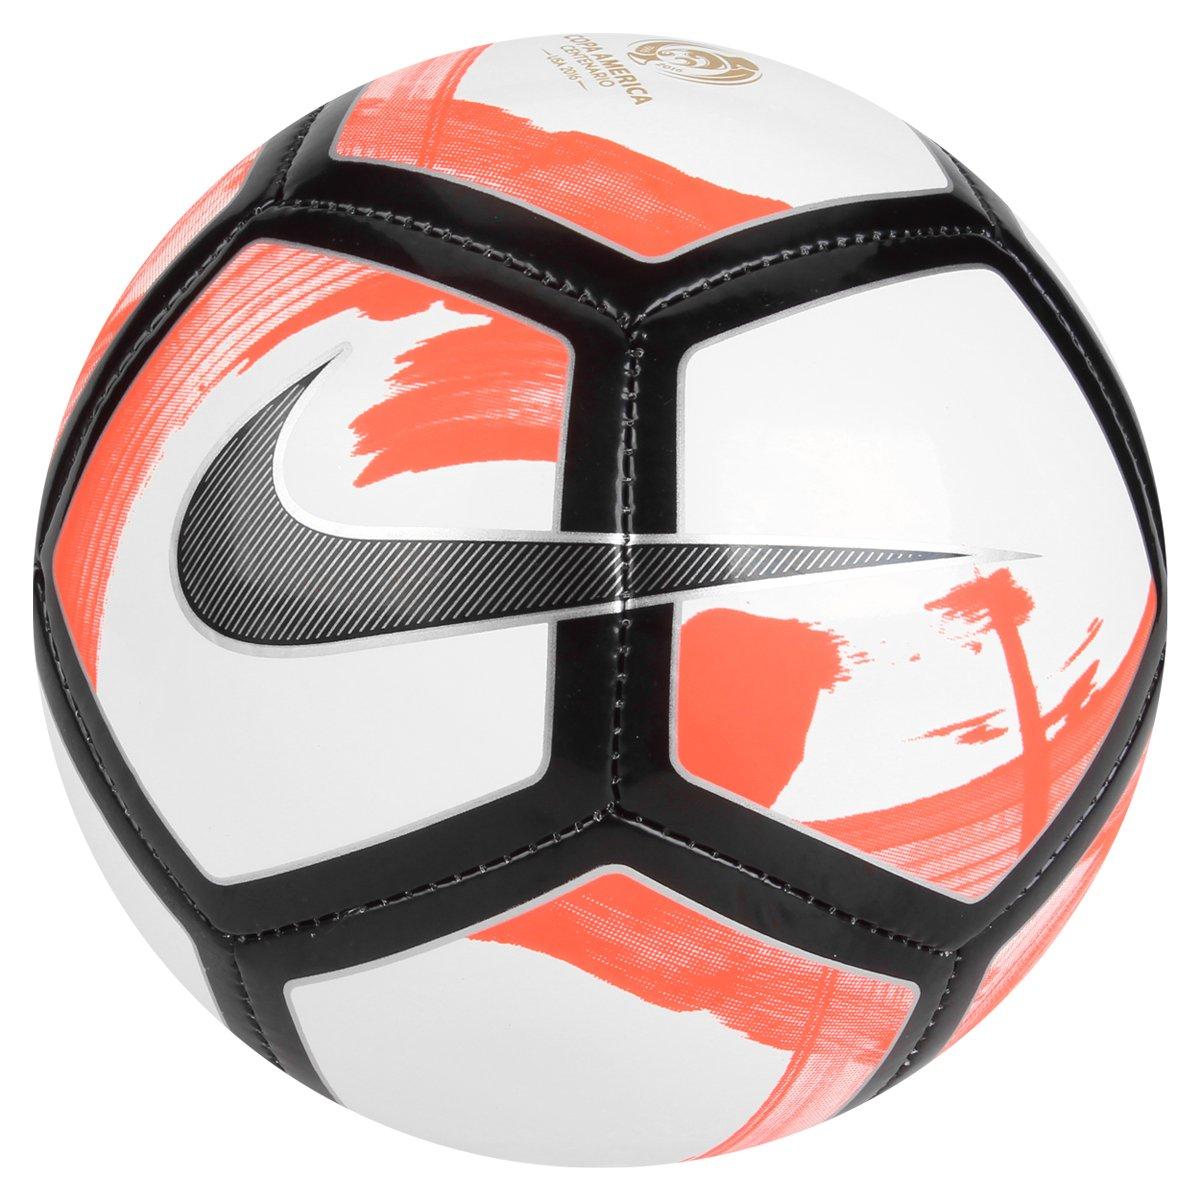 MiniBola Futebol Nike Copa América Centenário Skills - Compre Agora ... f1335c8b4cefb